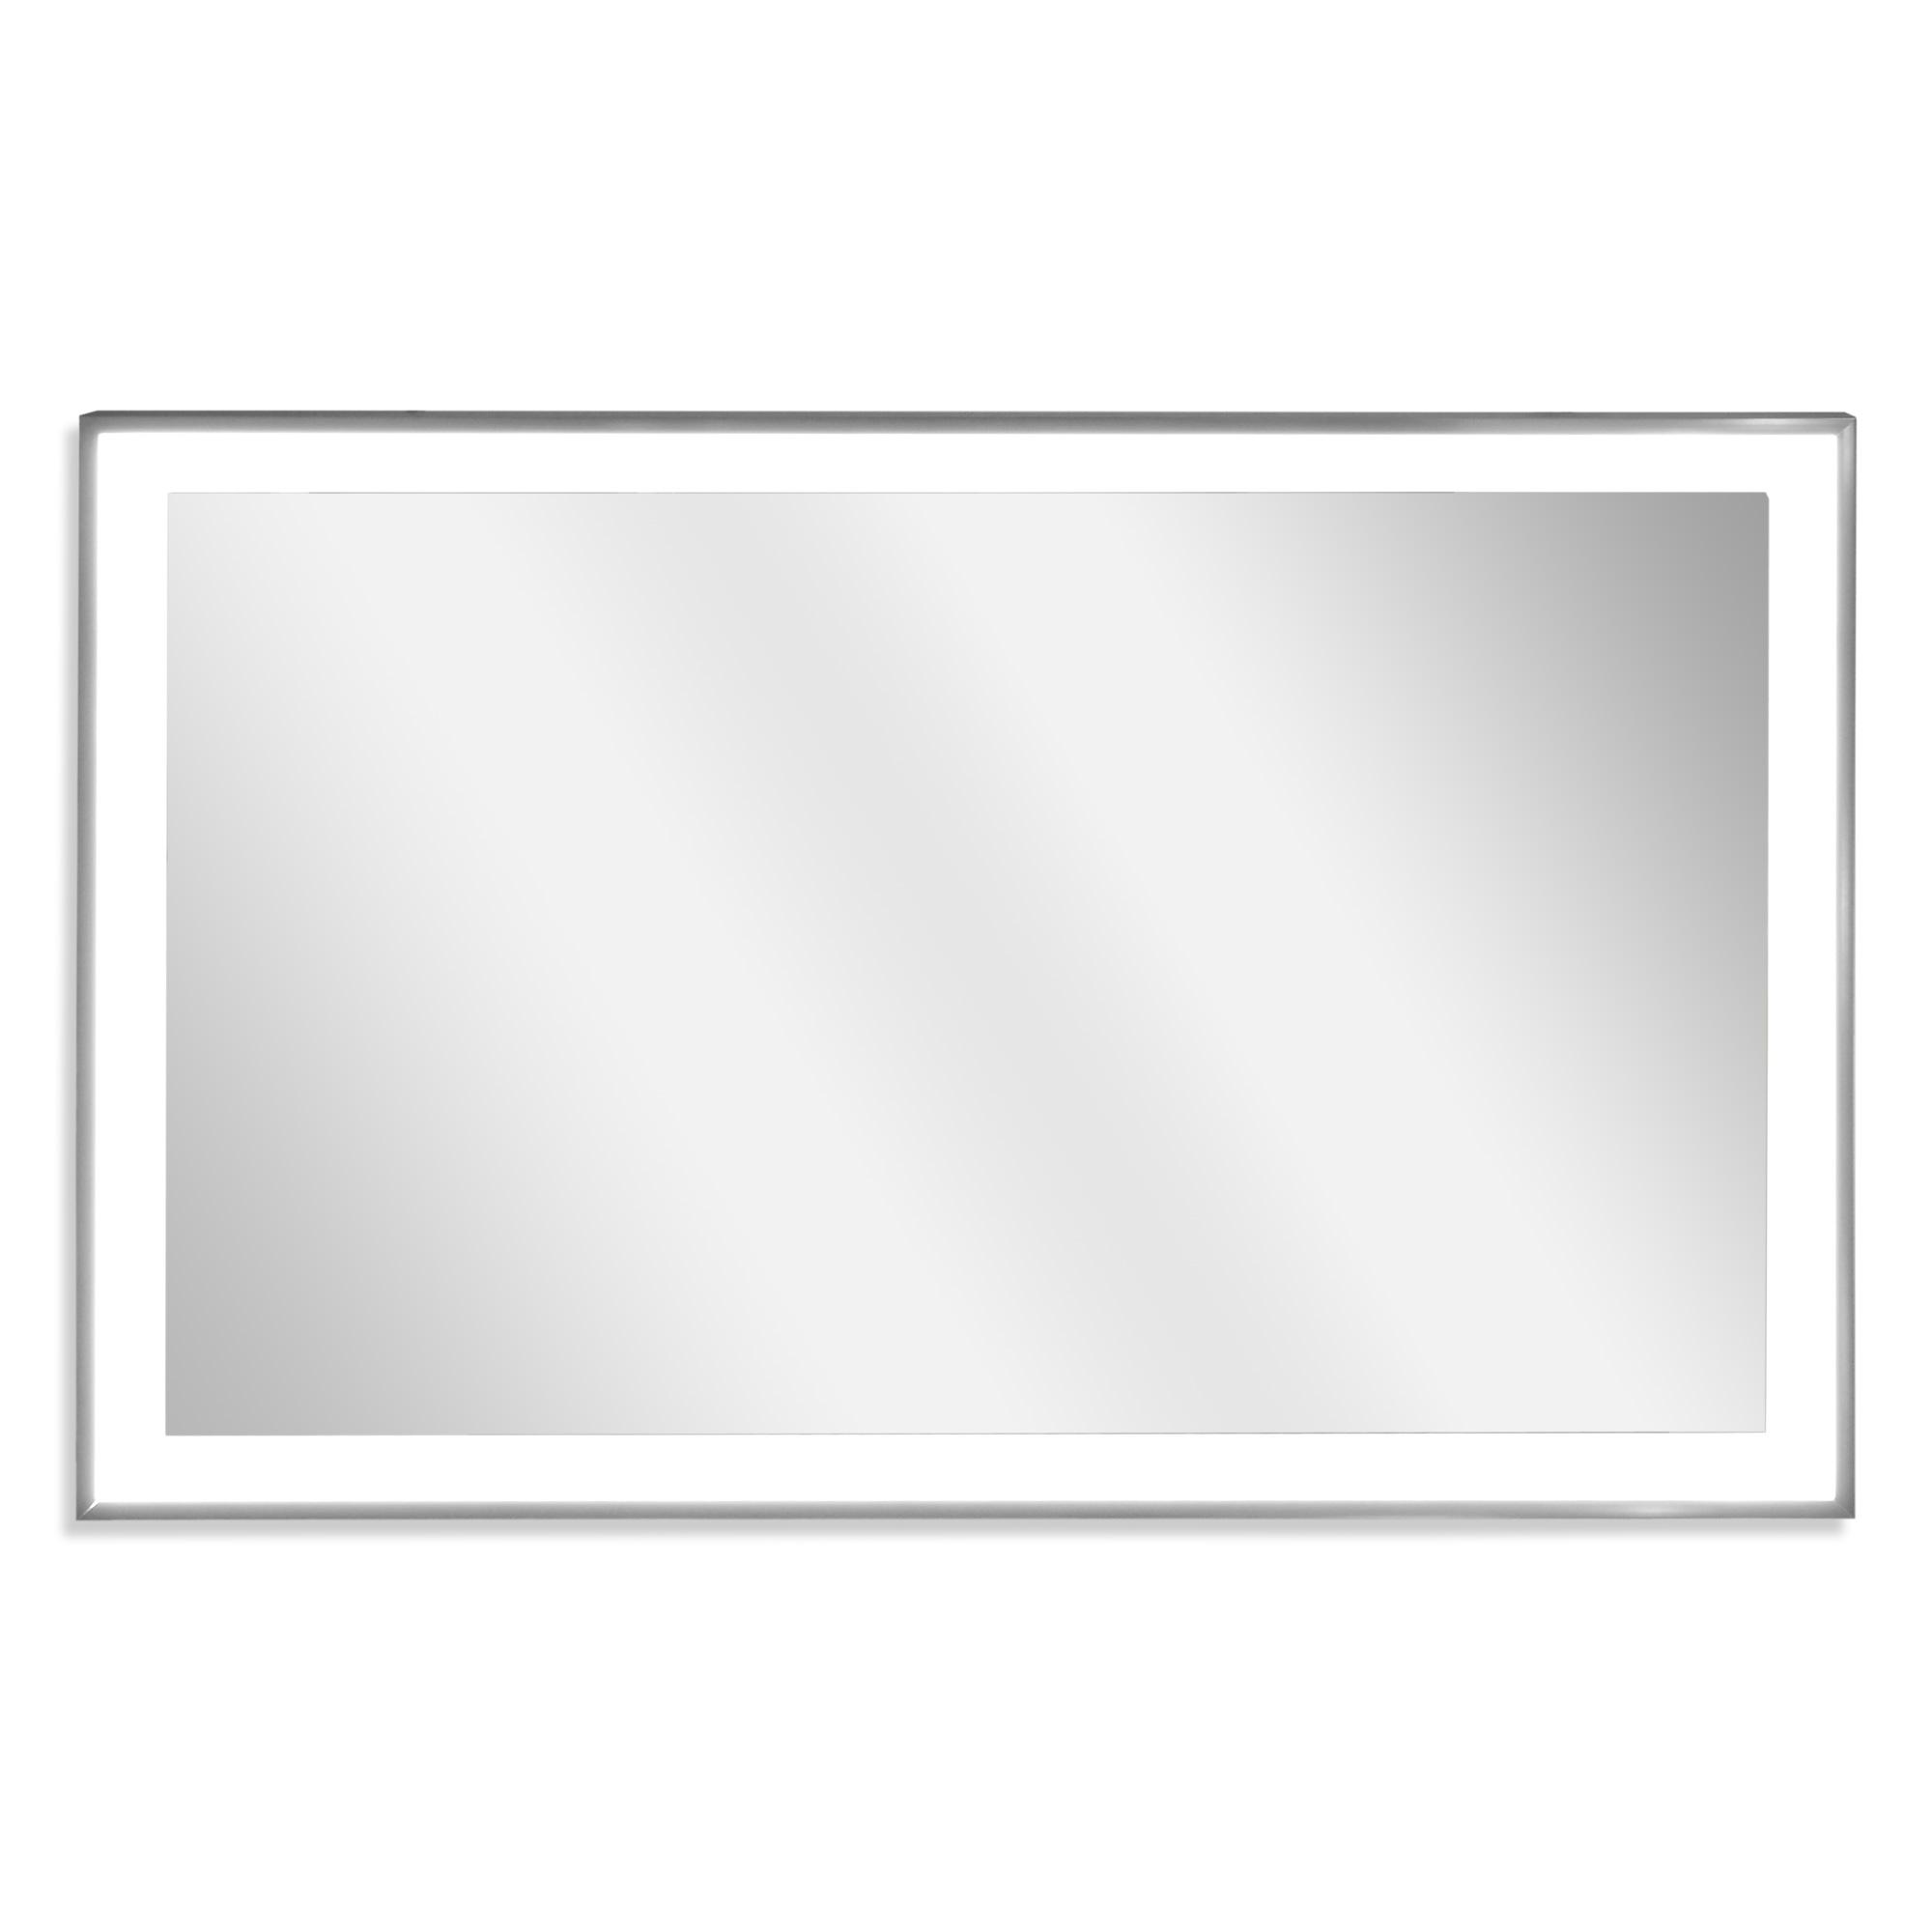 VASNER Zipris S LED Infrarotheizung Spiegel LED mit Rahmen